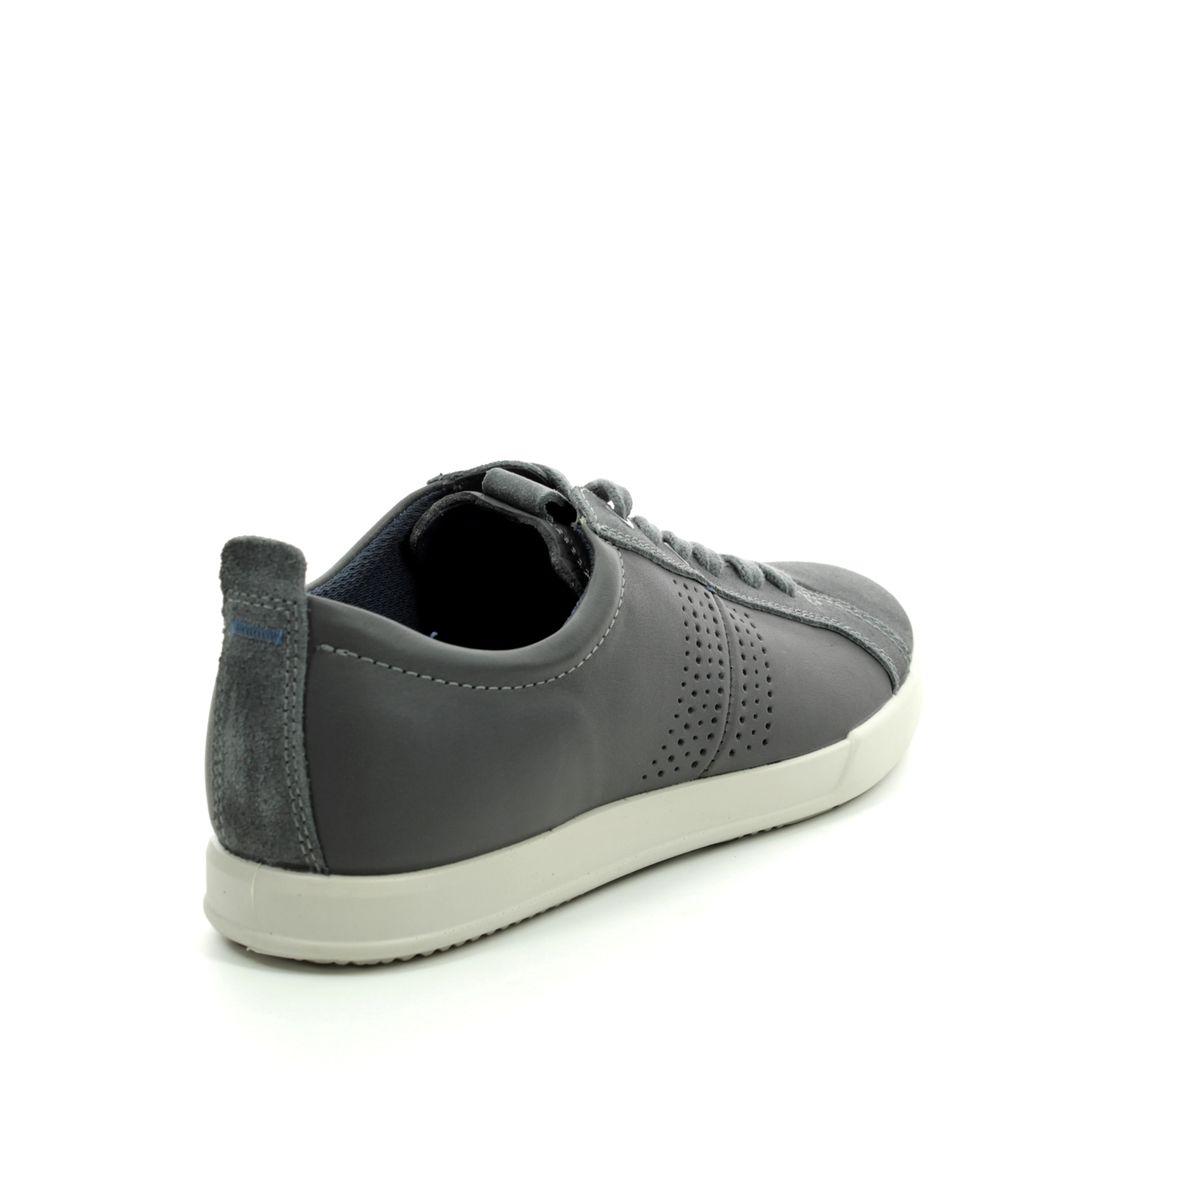 ECCO Collin 2.0 Lace 536204-50869 Grey